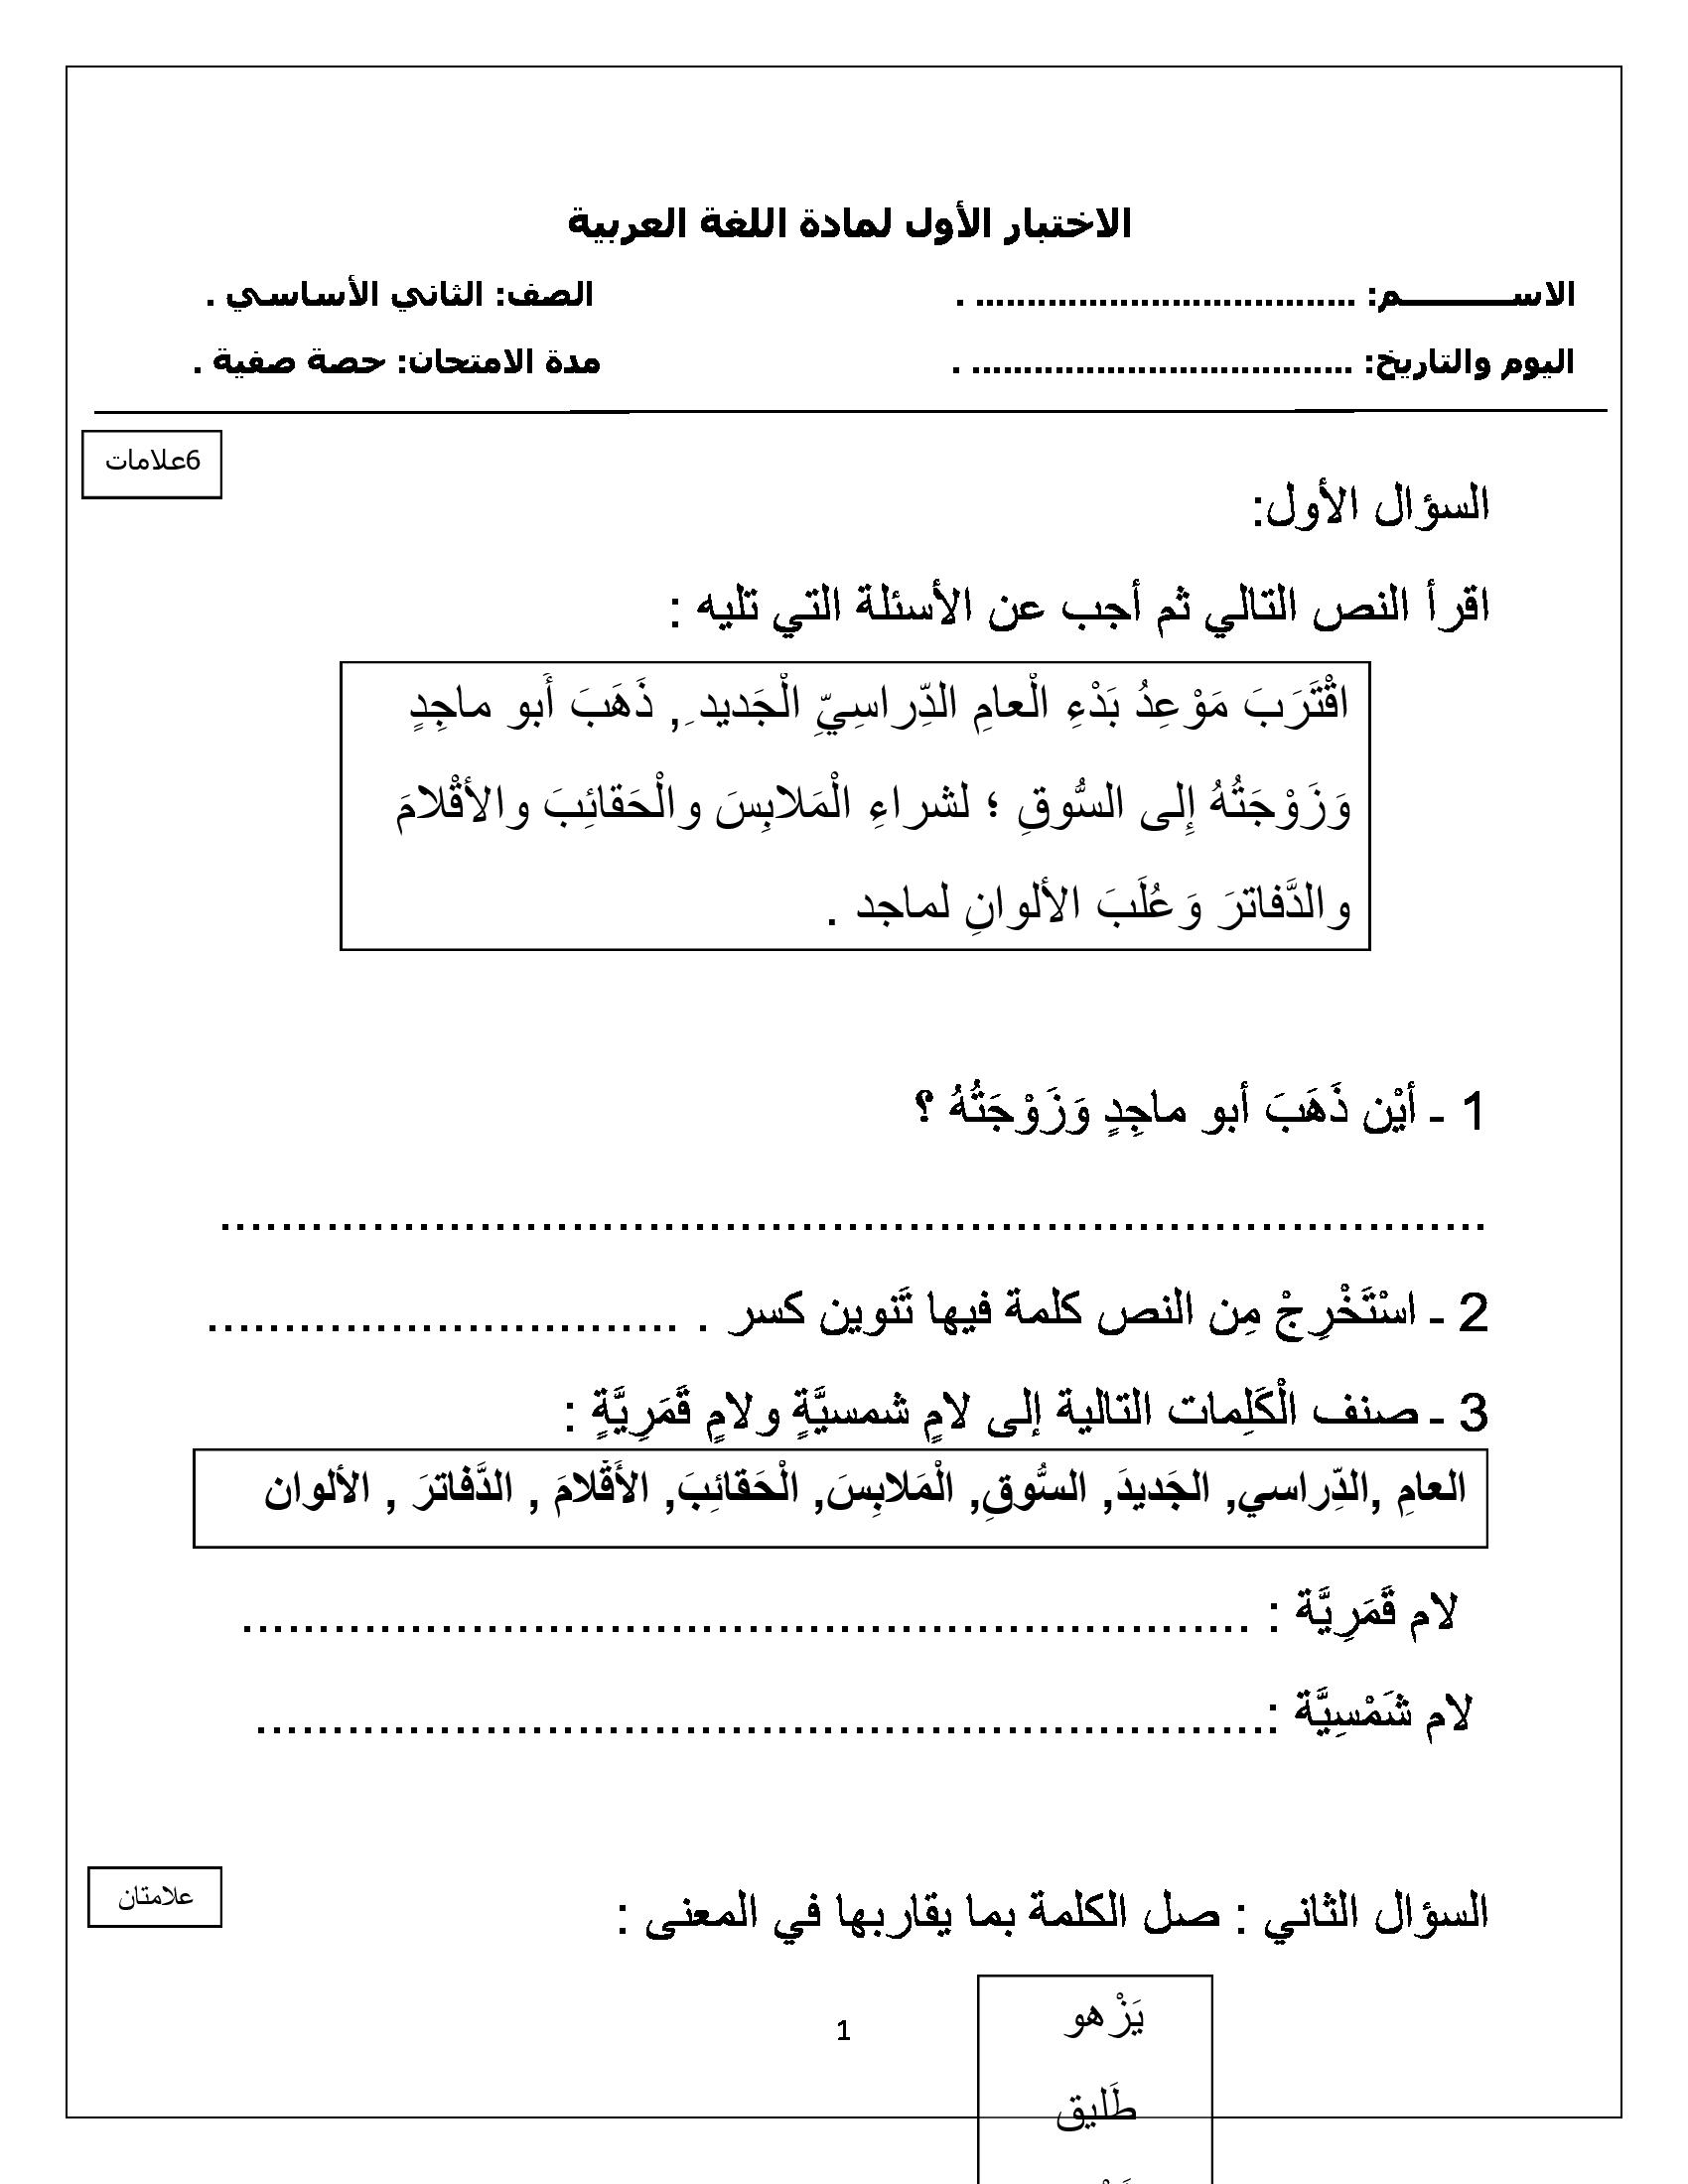 امتحان اللغة العربية الشهر الاول للصف الثاني الفصل الاول 2017